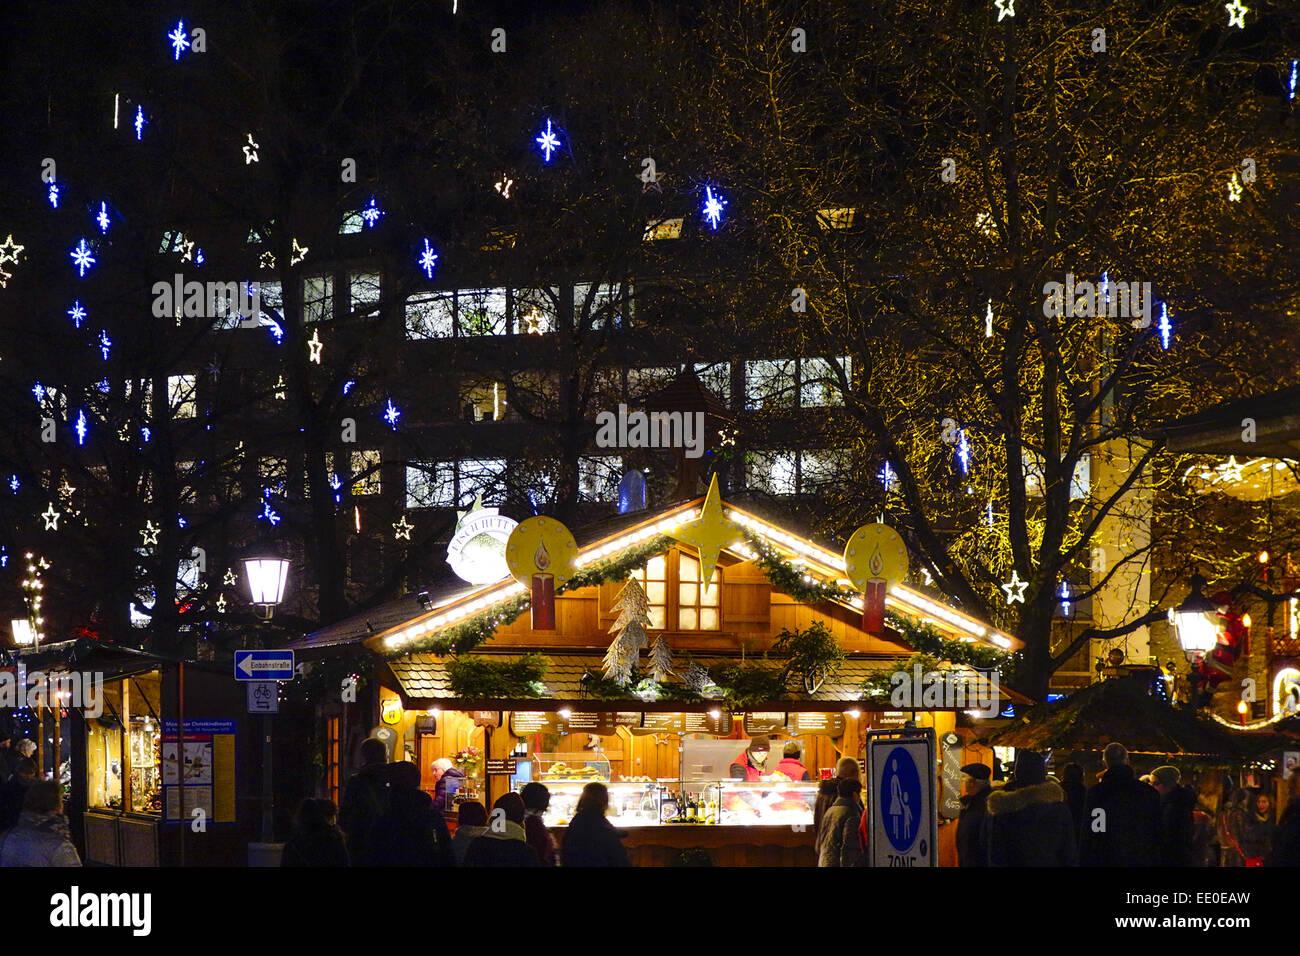 Weihnachtsmarkt in München, Bayern, Deutschland, Christmas market in Munich, Bavaria, Germany, Christmas Market, - Stock Image